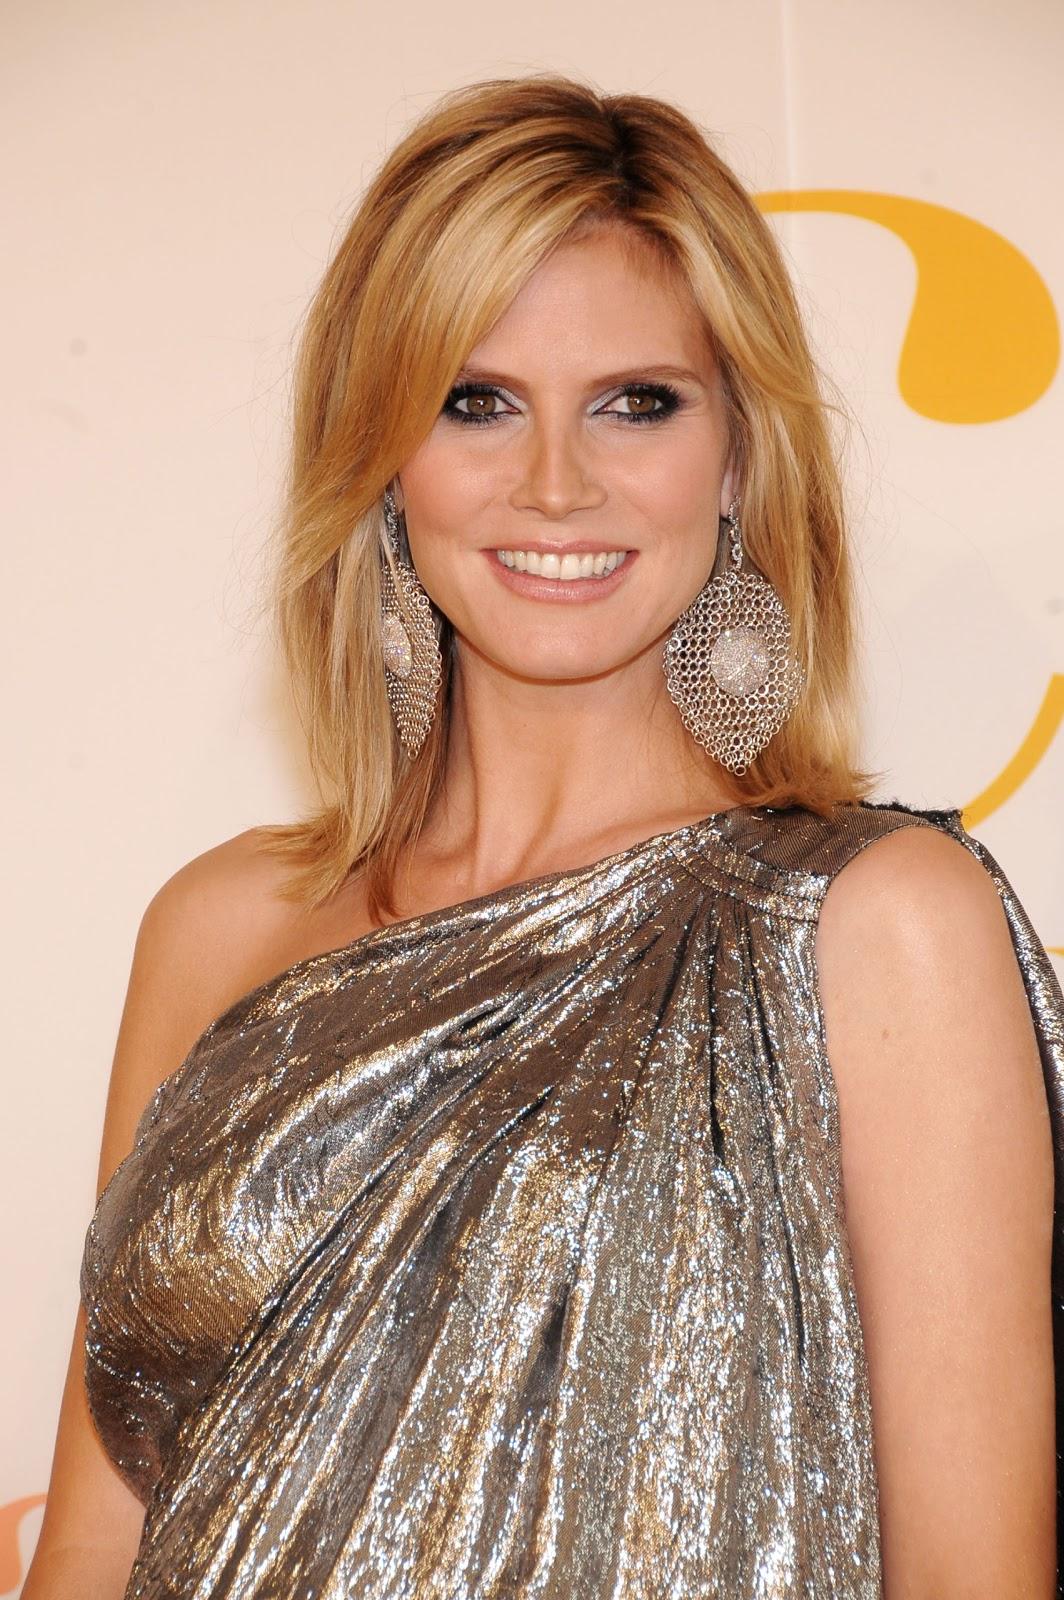 http://3.bp.blogspot.com/-hfRXmEyFkuA/ToTwhqM50XI/AAAAAAAAAm8/Div_LyWgvS0/s1600/Heidi-Klum-pics-images-movies-photos-actress-films-pictures+0.jpg